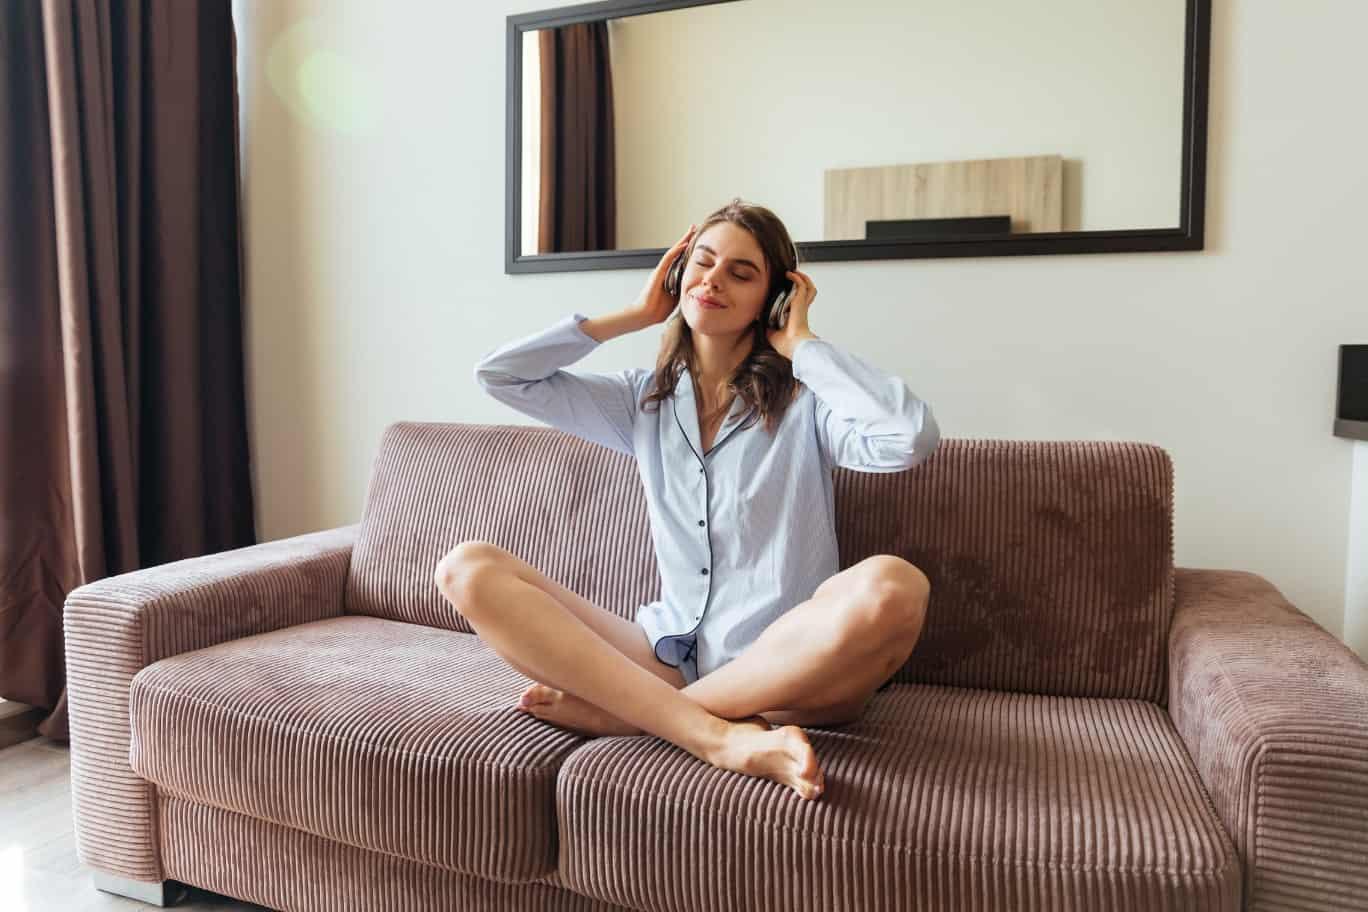 Sauna-Lautsprecher - Frau sitzt mit Kopfhörern und im Pyjama auf dem Sofa